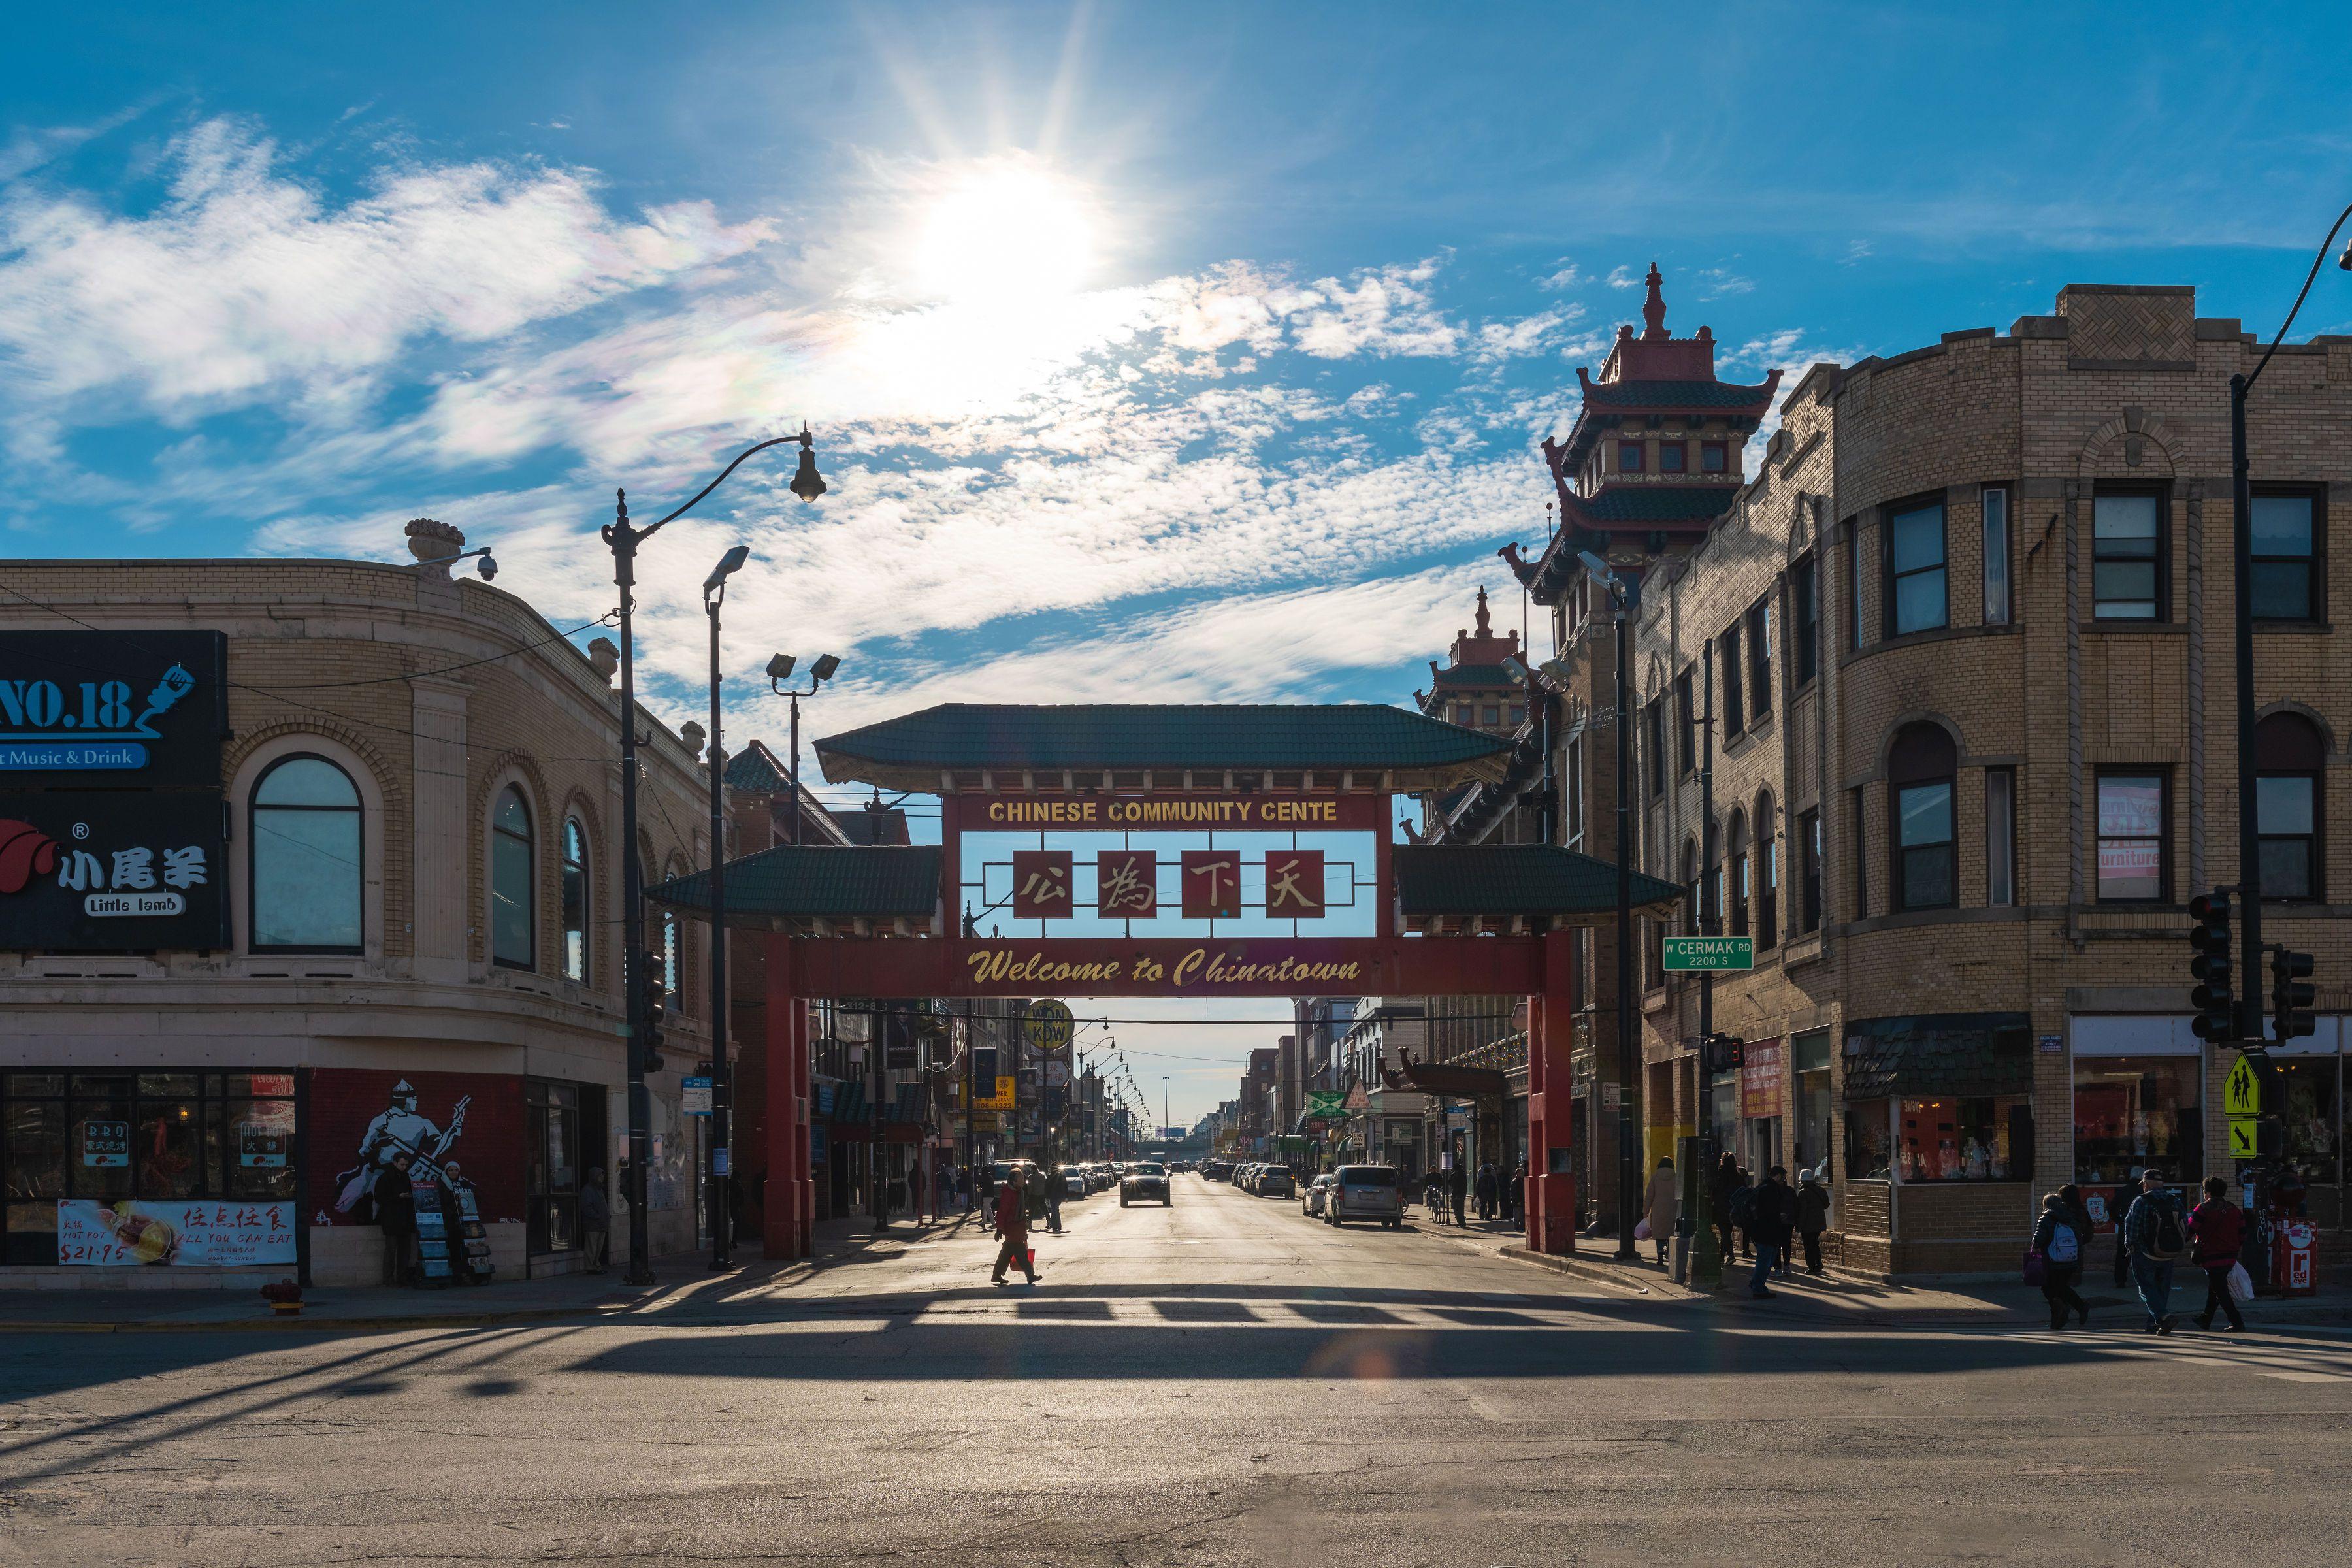 Chicago Chinatown